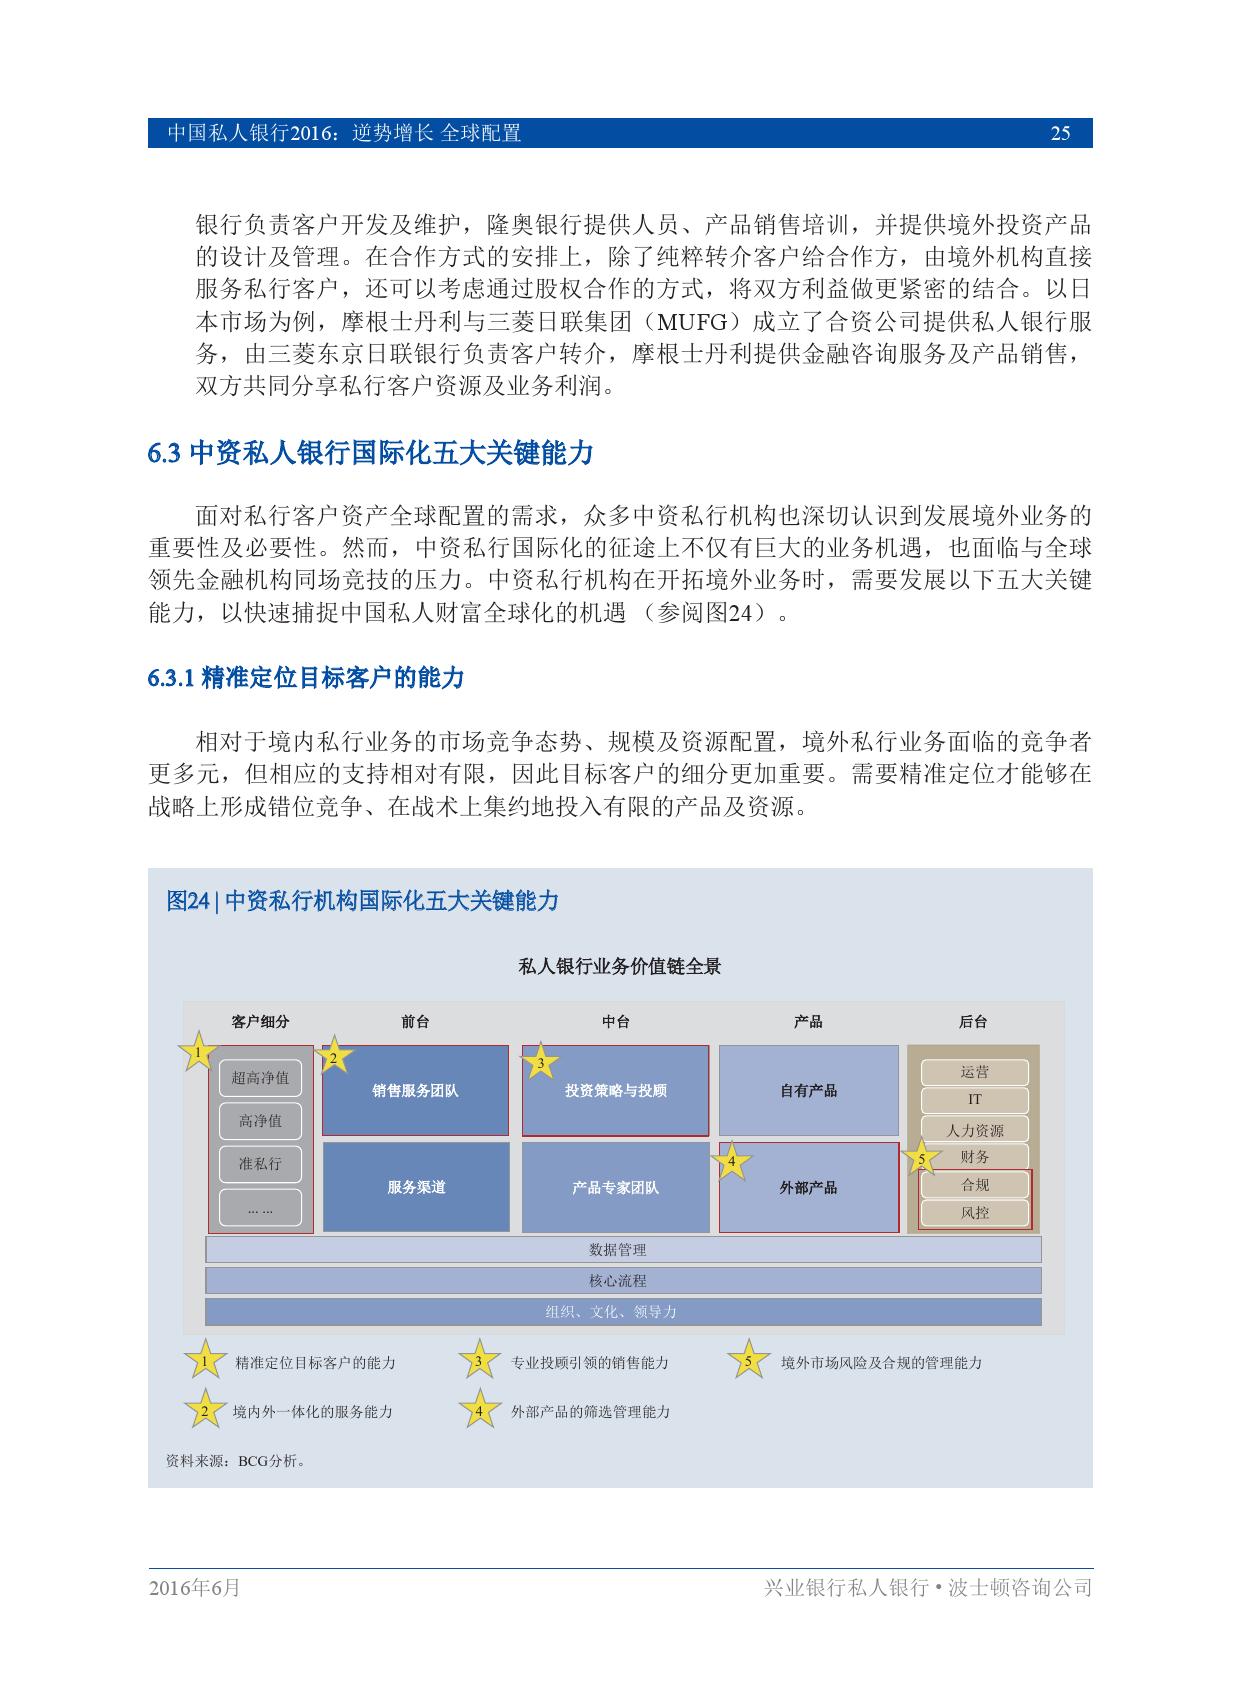 中国私人银行2016逆势增长、全球配置_000027